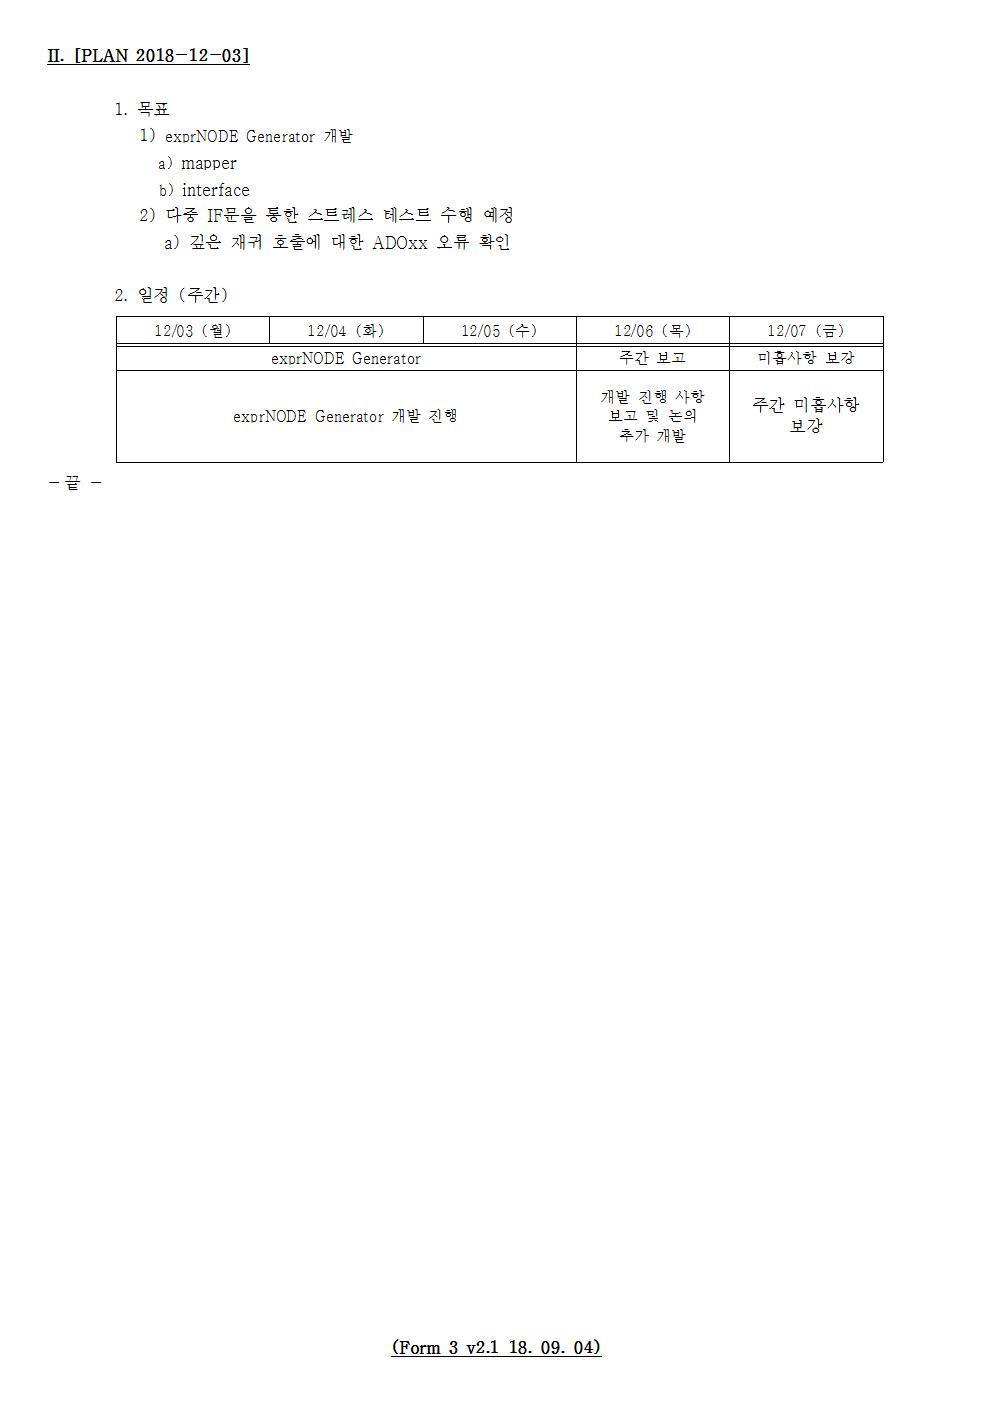 D-[18-003-RD-03]-[SRRE]-[2018-12-03][JS]002.jpg